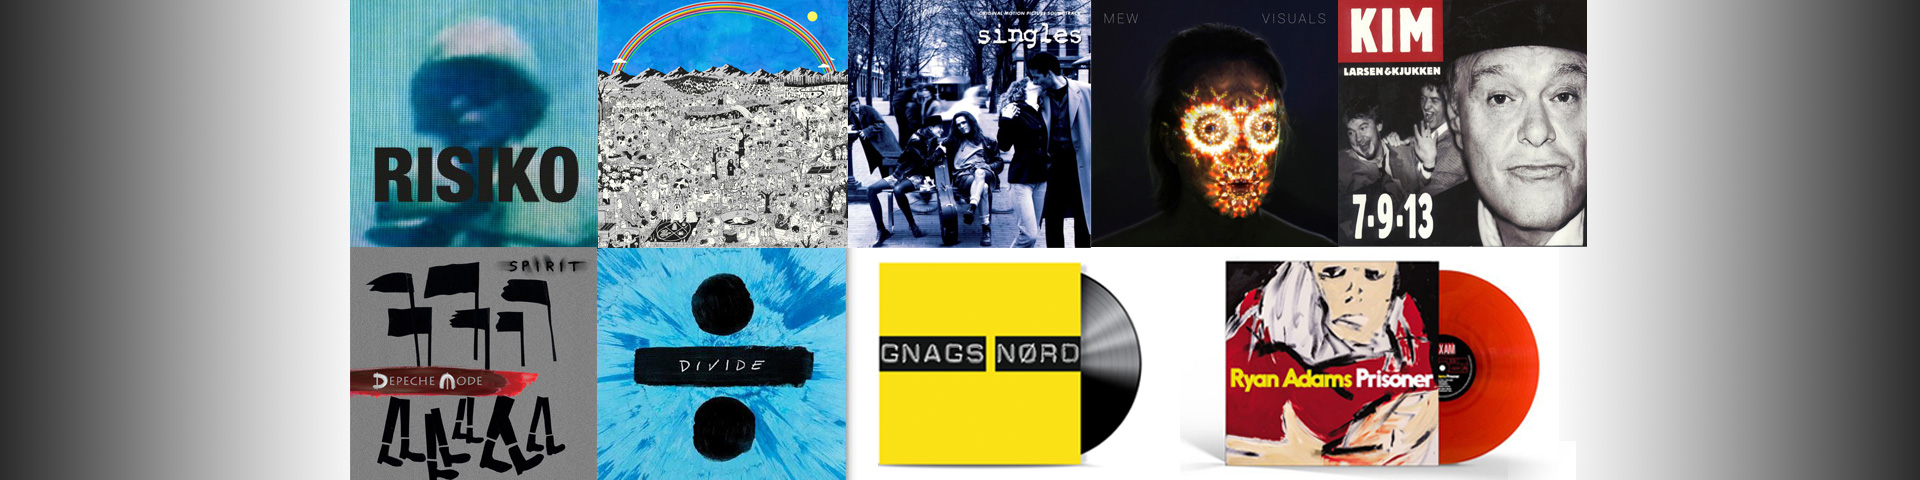 Forudbestillinger af kommende albums